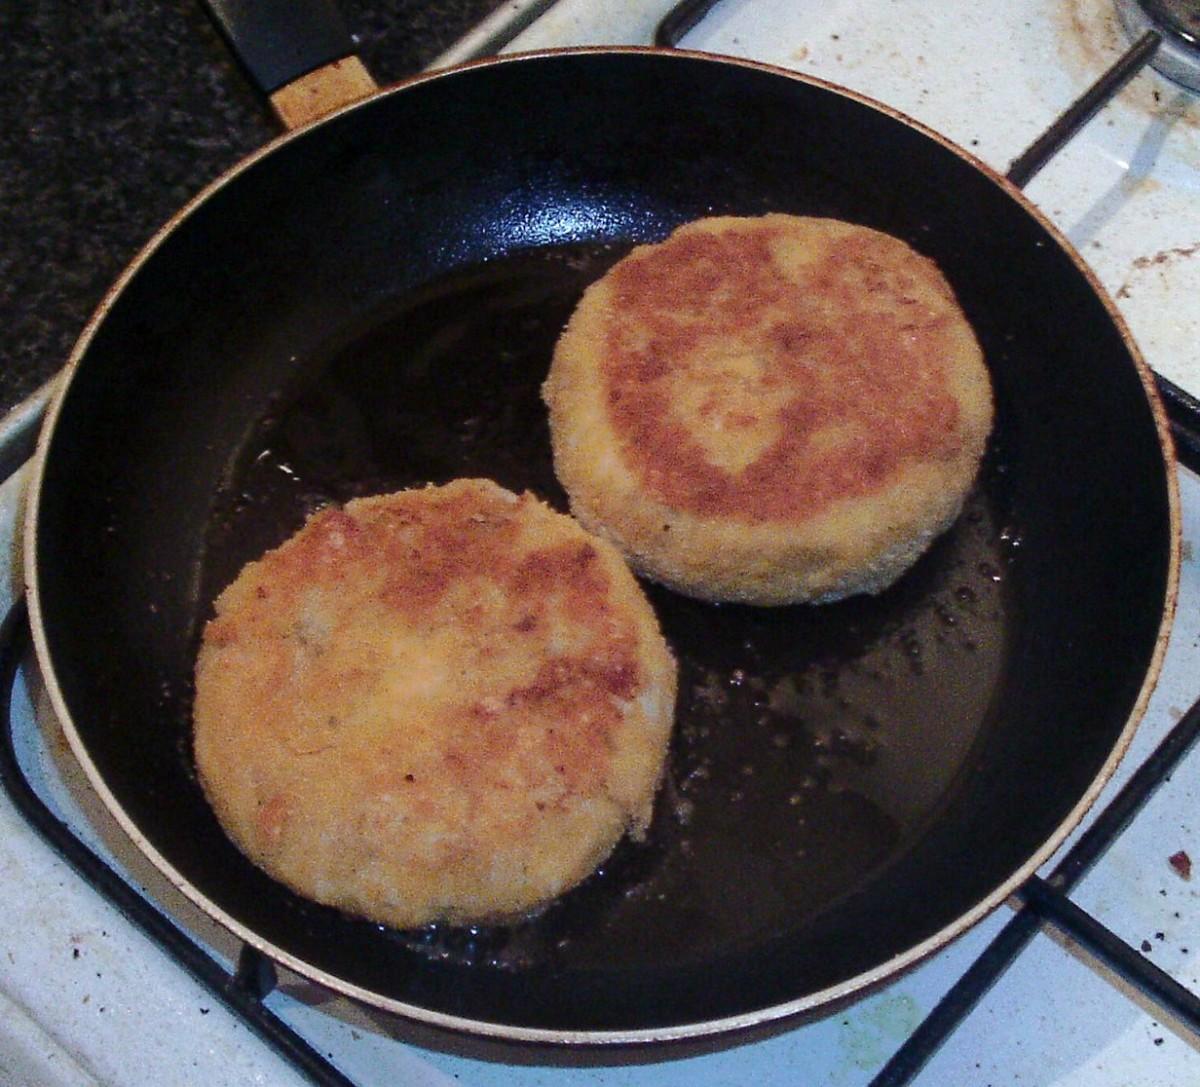 Turned fishcakes